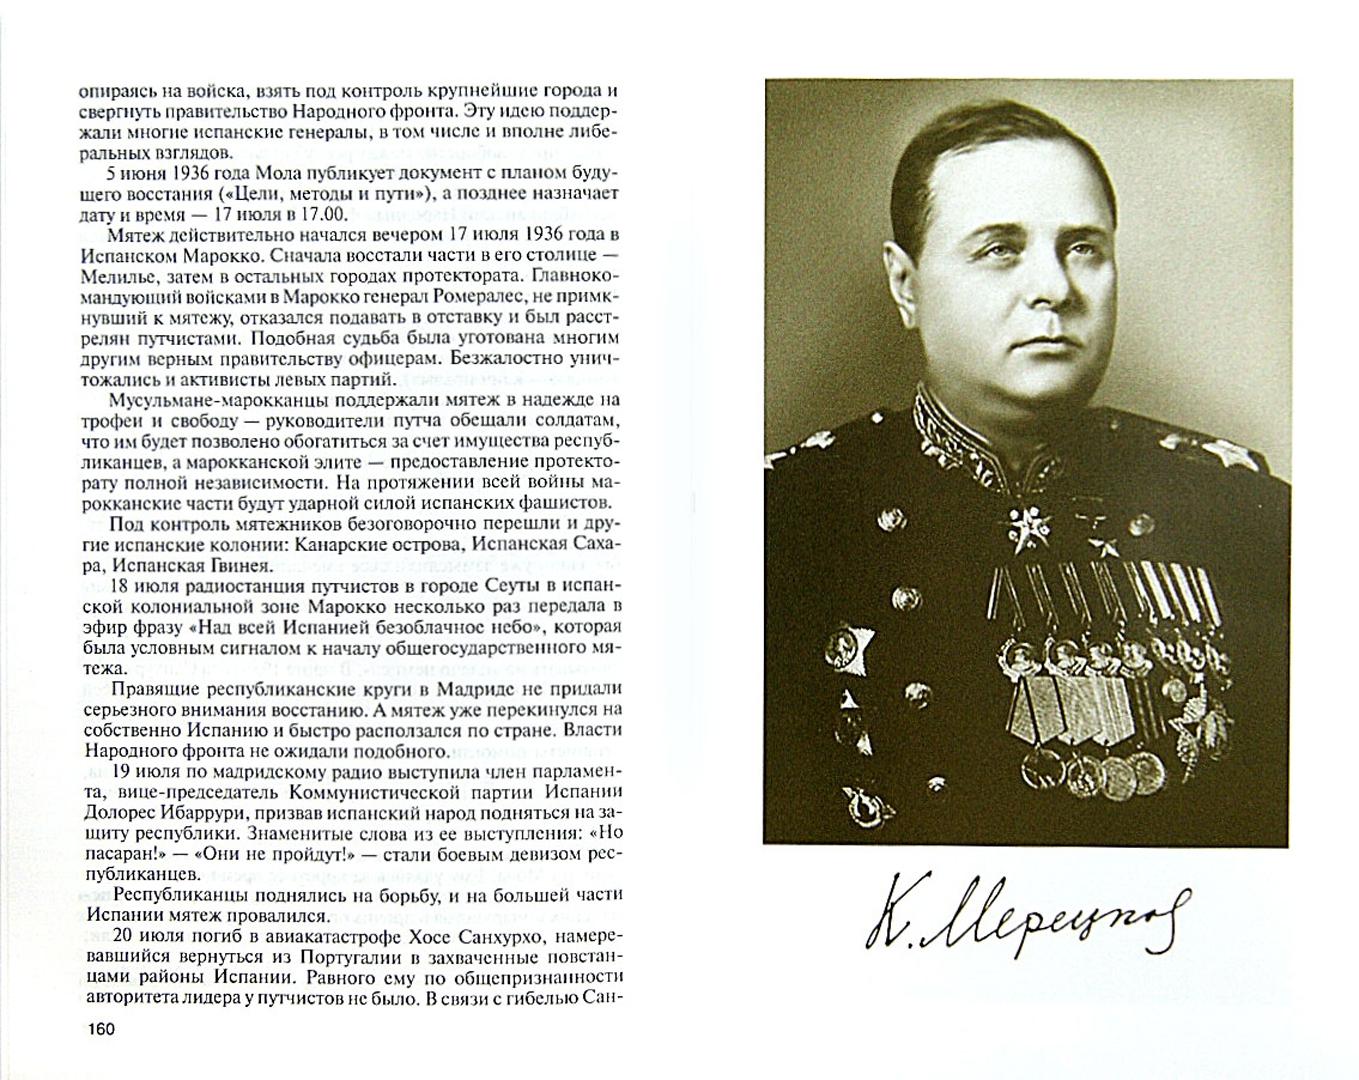 Иллюстрация 1 из 38 для Мерецков - Николай Великанов | Лабиринт - книги. Источник: Лабиринт